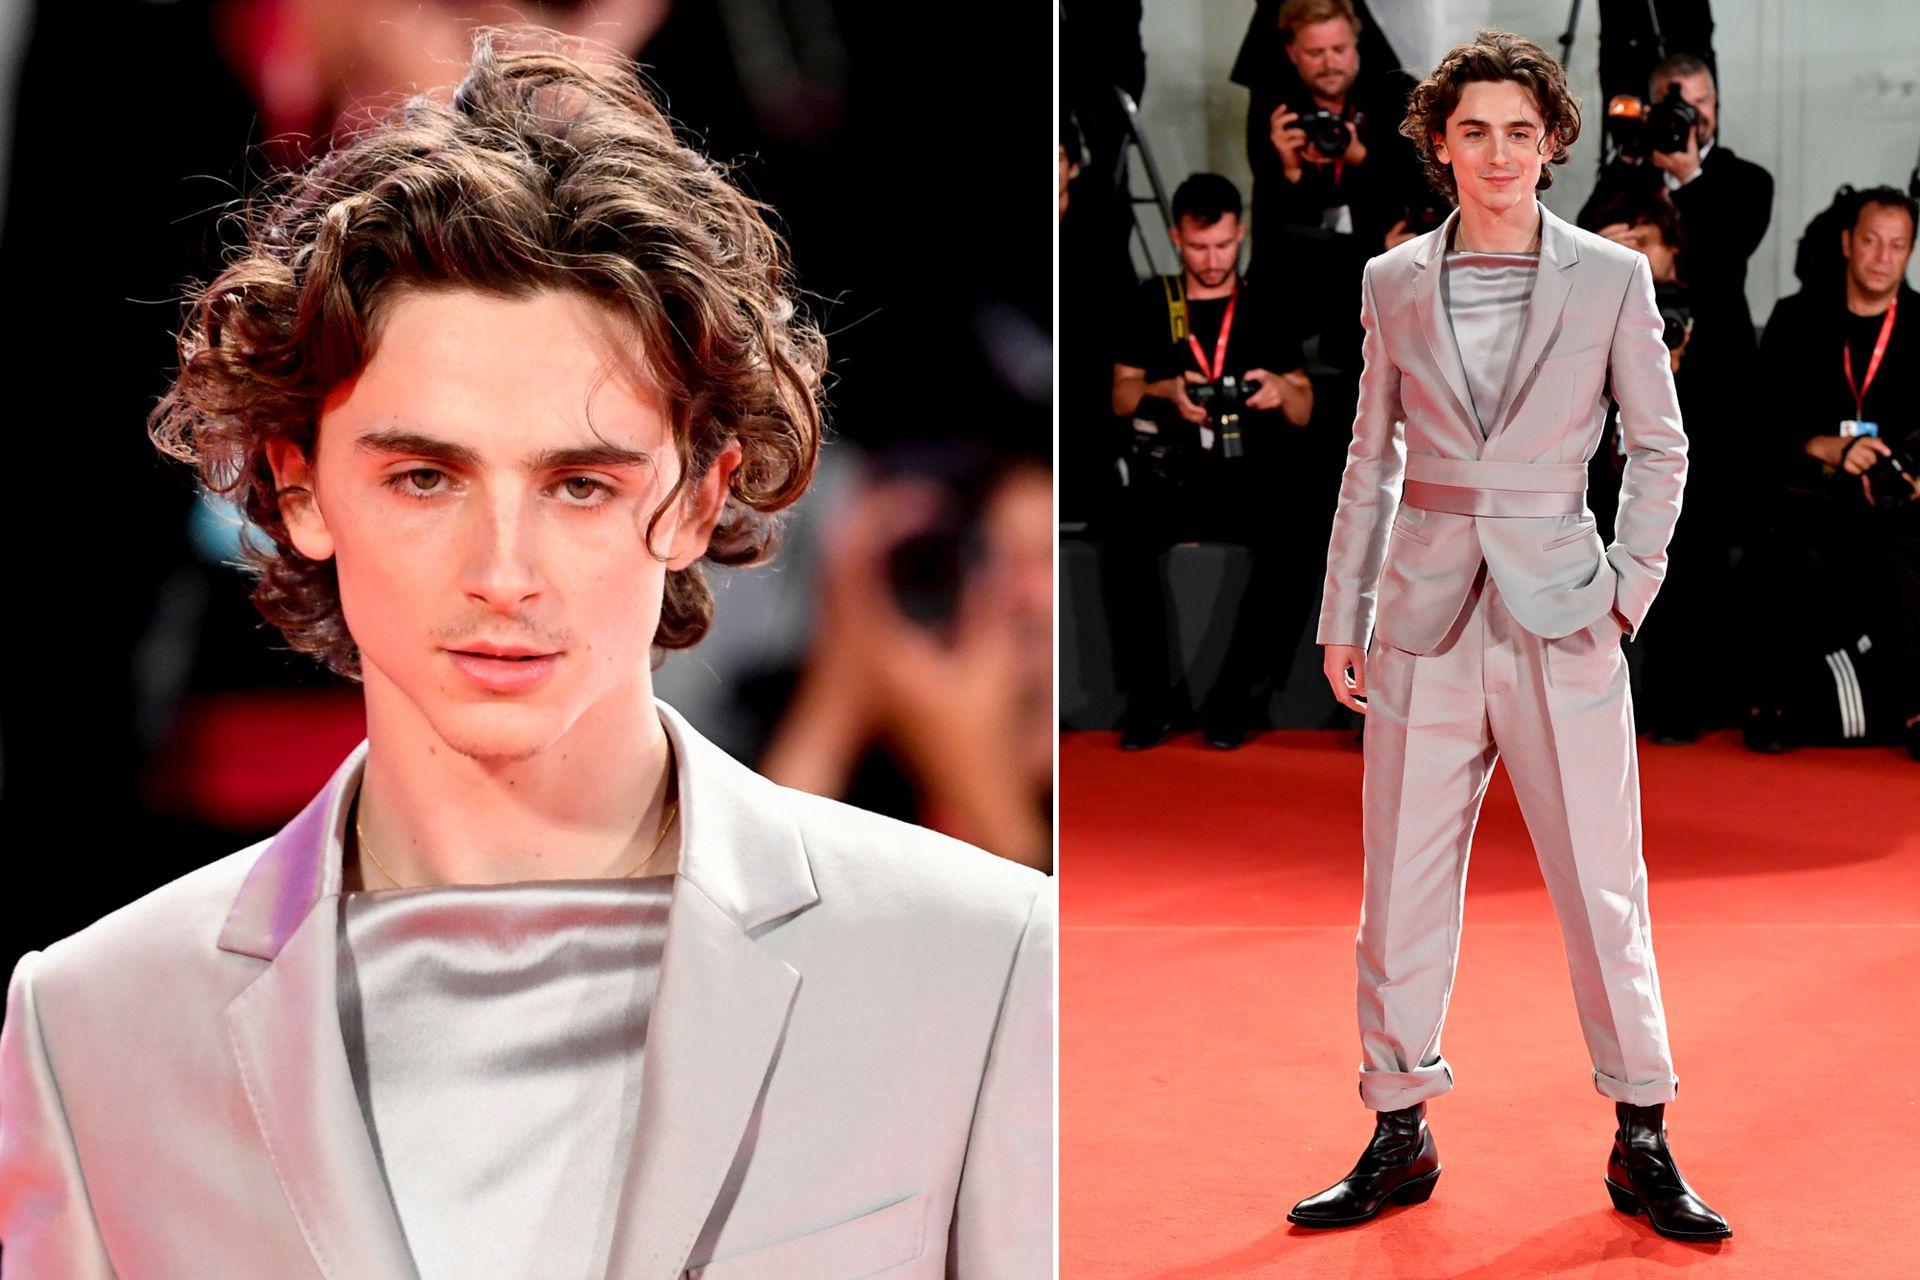 Timothée Chalamet sorprendió en Venecia con un estilo desafiante y un traje gris perla de Haider Ackermann, para la presentación de la película The King